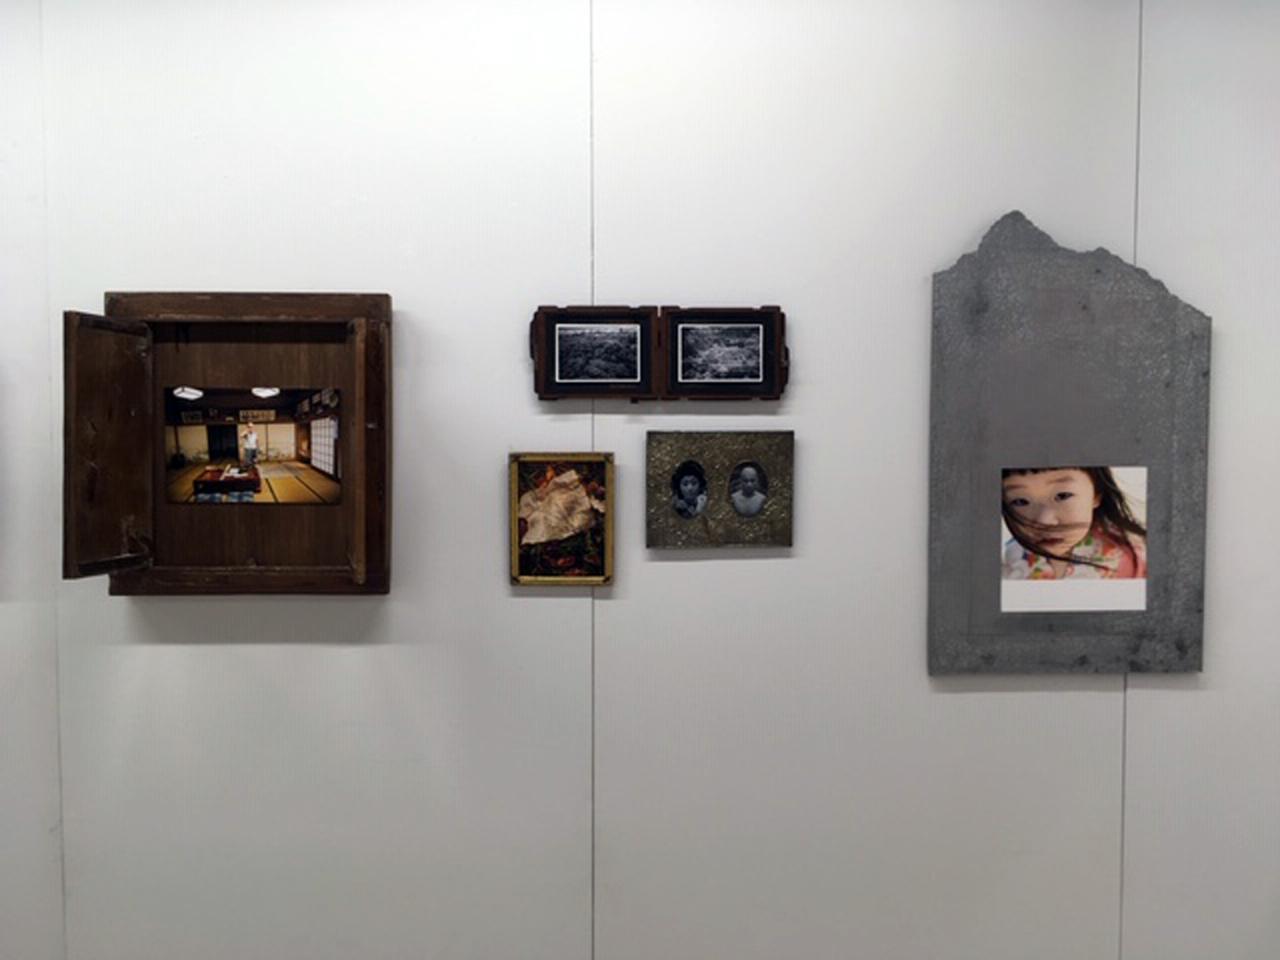 画像3: 古賀絵里子写真展『BELL』。古来、最もよく知られた伝説「安珍・清姫物語」を題材に、男と女の愛や裏切り、執着や悲しみを表現した個展です。